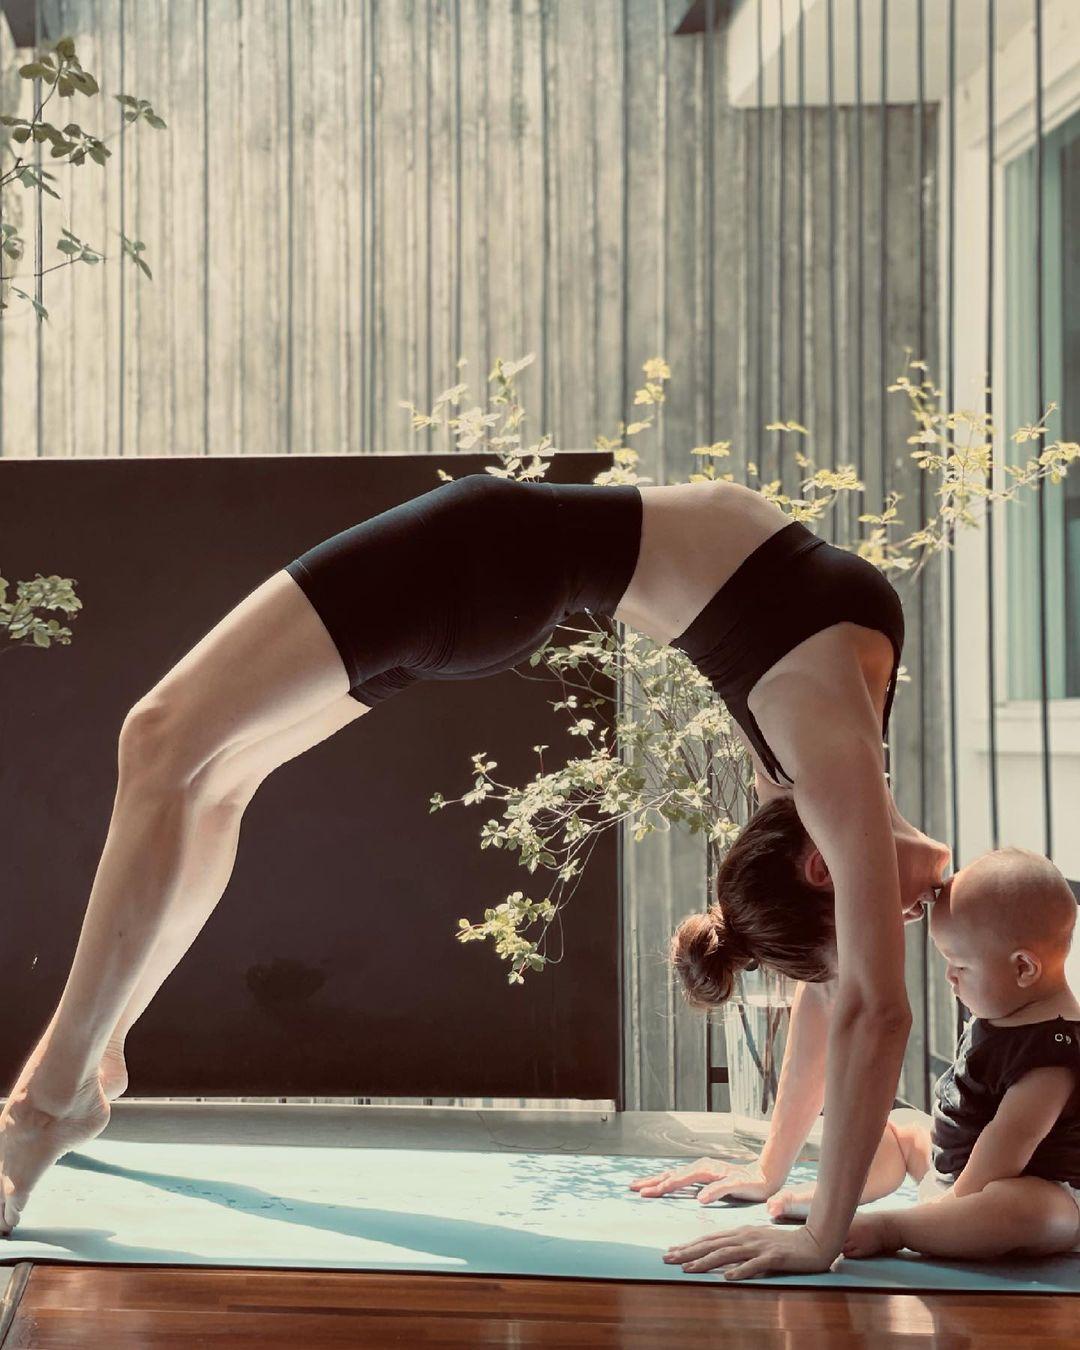 Tập yoga từ nhiều năm nay nên Hồ Ngọc Hà có thể thực hiện nhiều động tác khó.